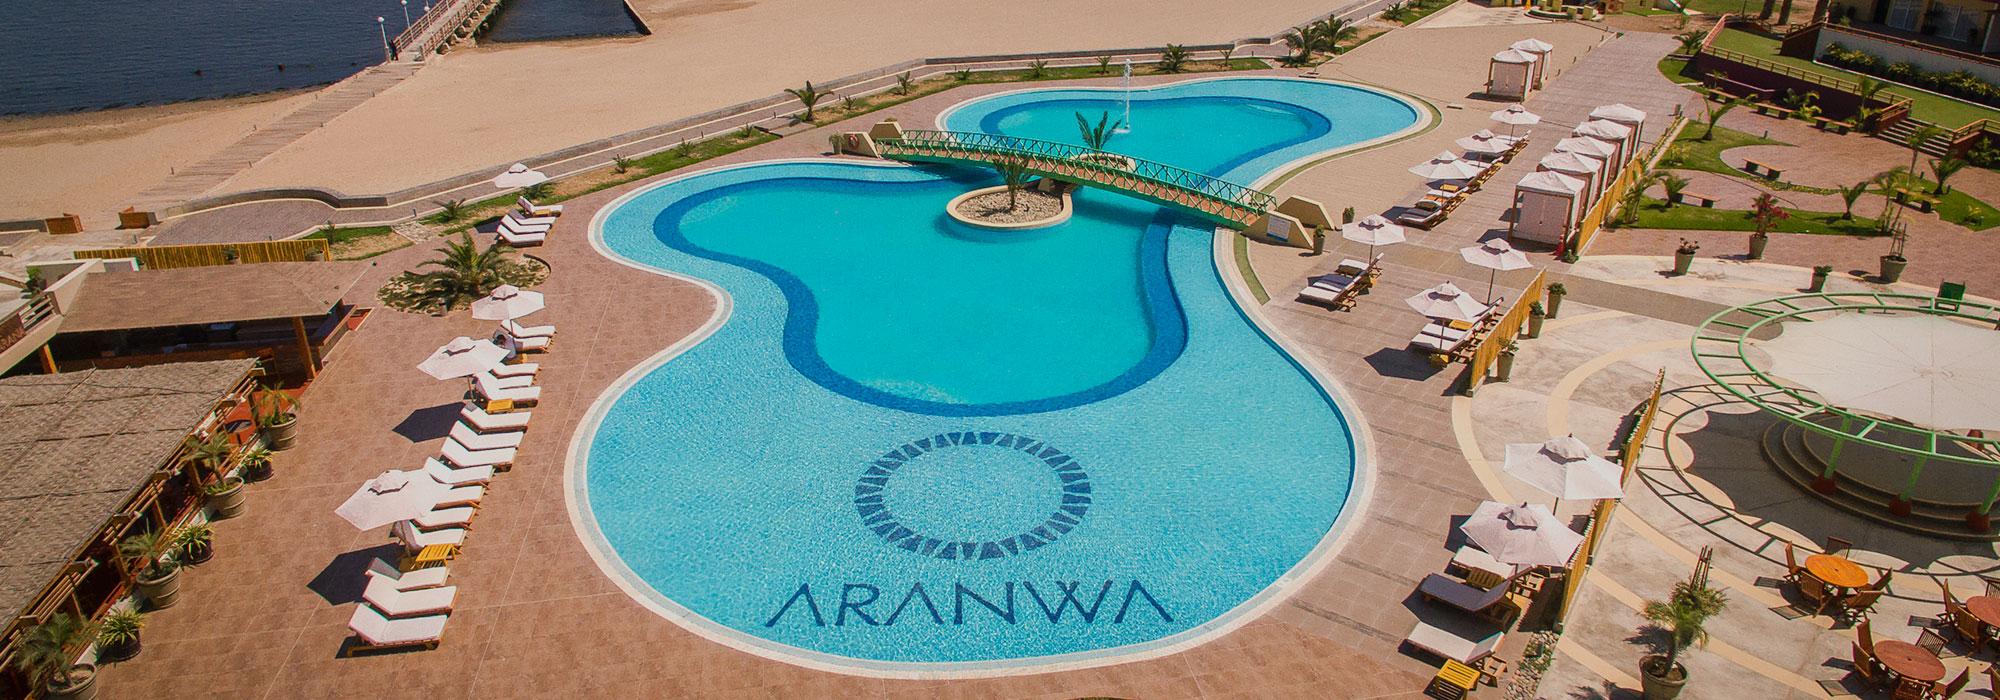 aranwa-hoteles-aranwa-paracas-resort-spa-banner-1